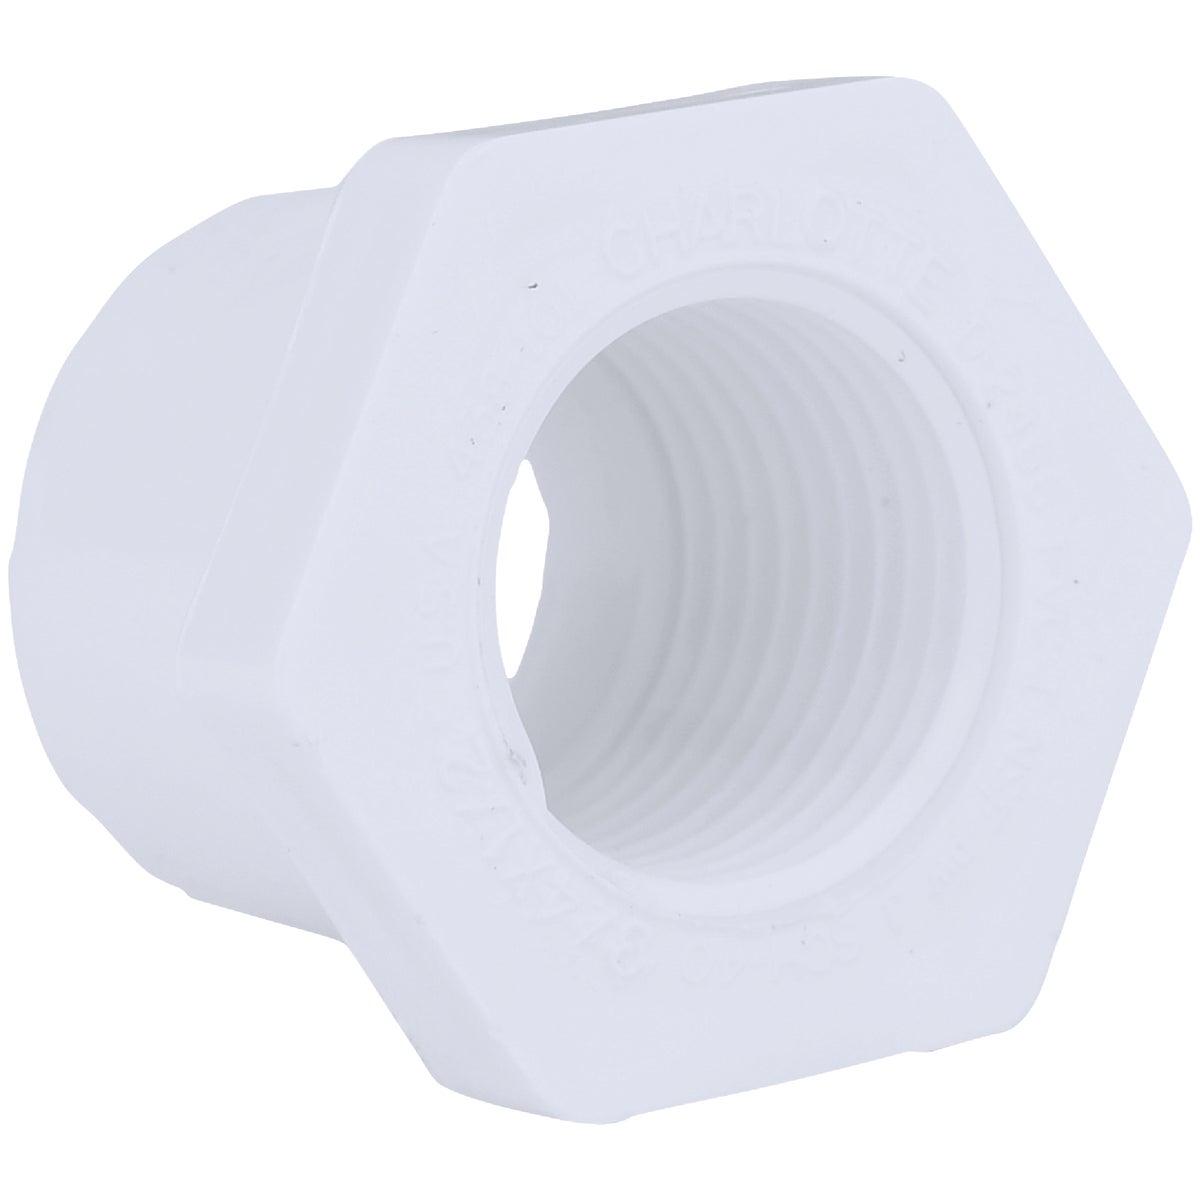 3/4X1/2 PVC SPXF BUSHING